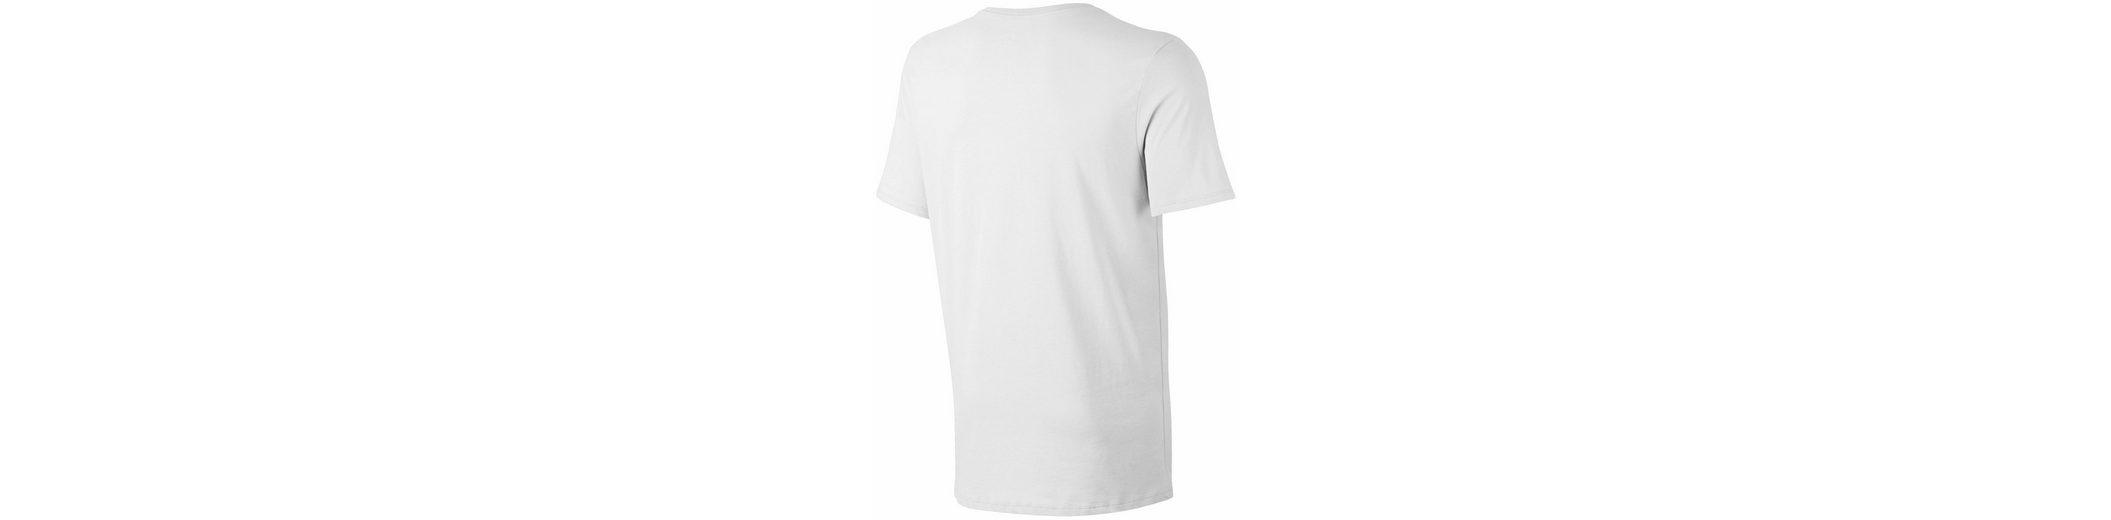 Nike Sportswear Rundhalsshirt MEN NSW TEE VINTAGE SHOEBOX Günstig Versandkosten wUlvZlSb7X